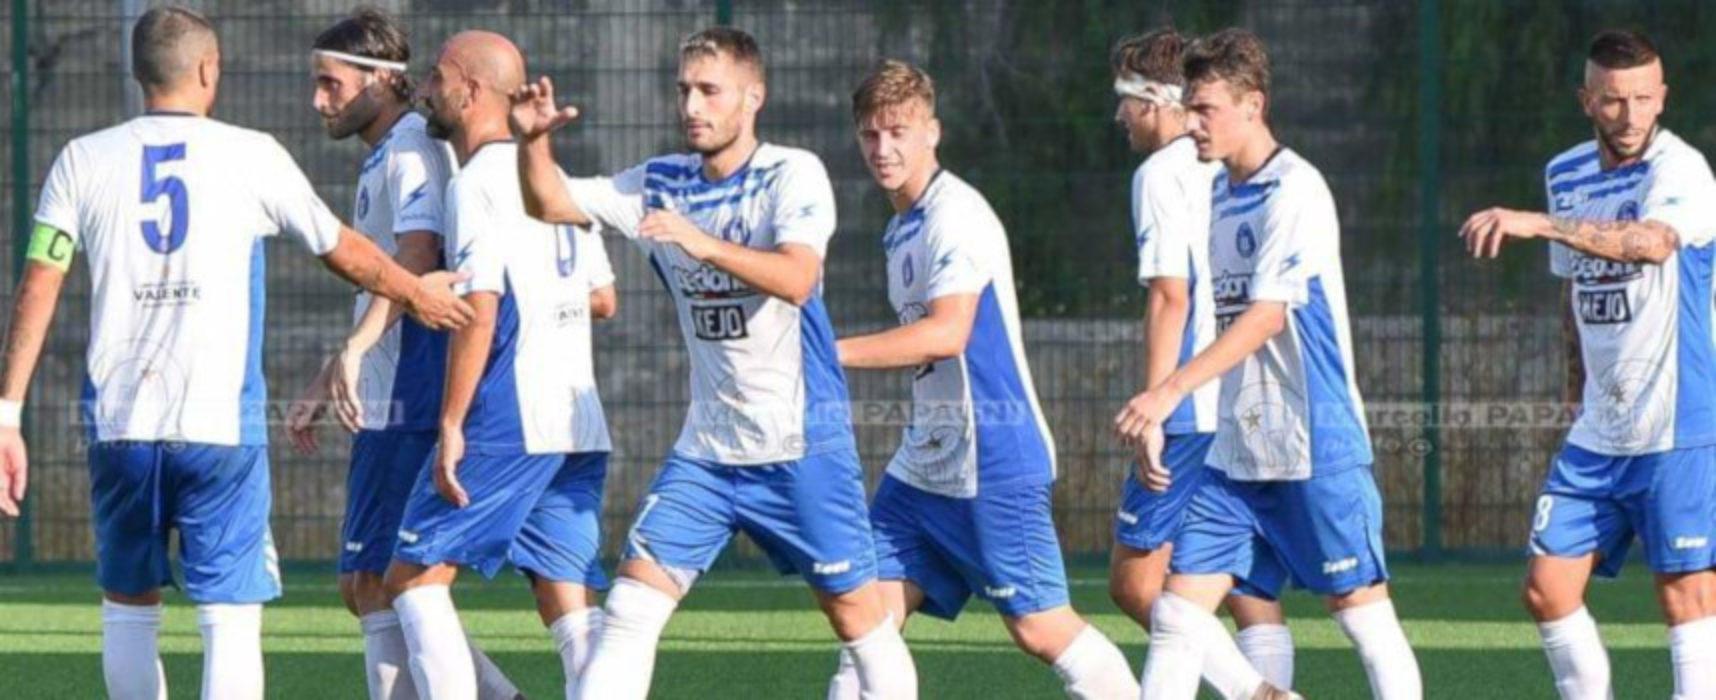 Calendari Eccellenza, l'Unione Calcio parte con la trasferta a San Marco in Lamis